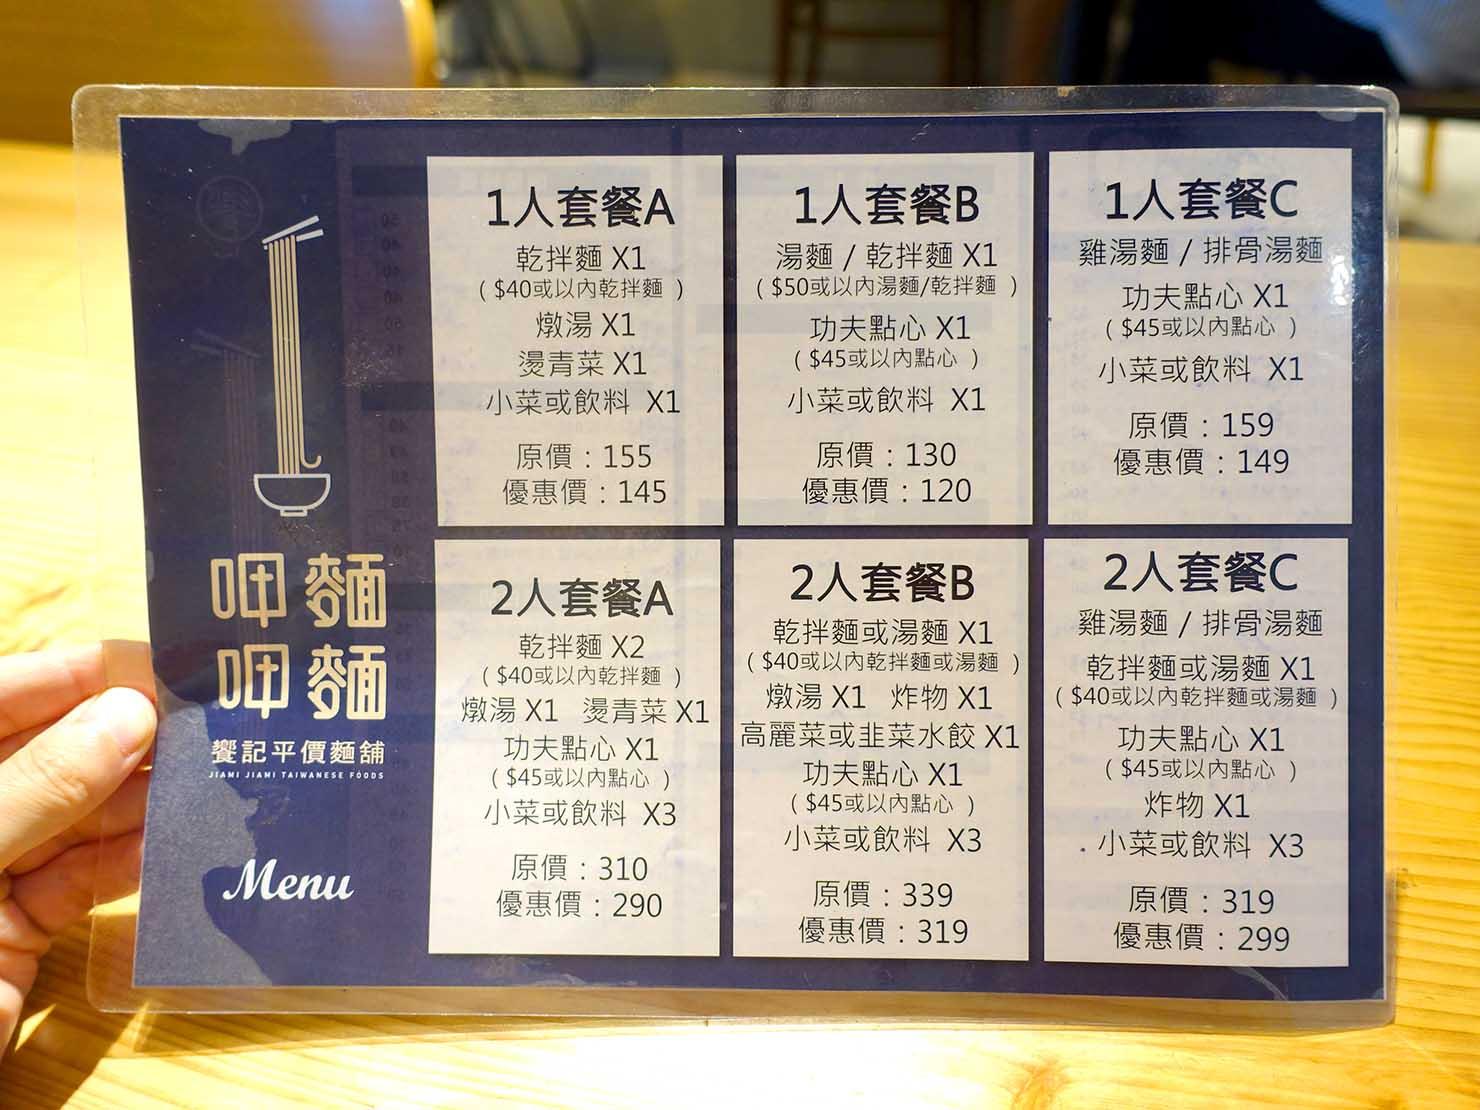 台北駅裏エリア(後站)のおすすめグルメ店「呷麵呷麵 饗記麵舖」のメニュー裏